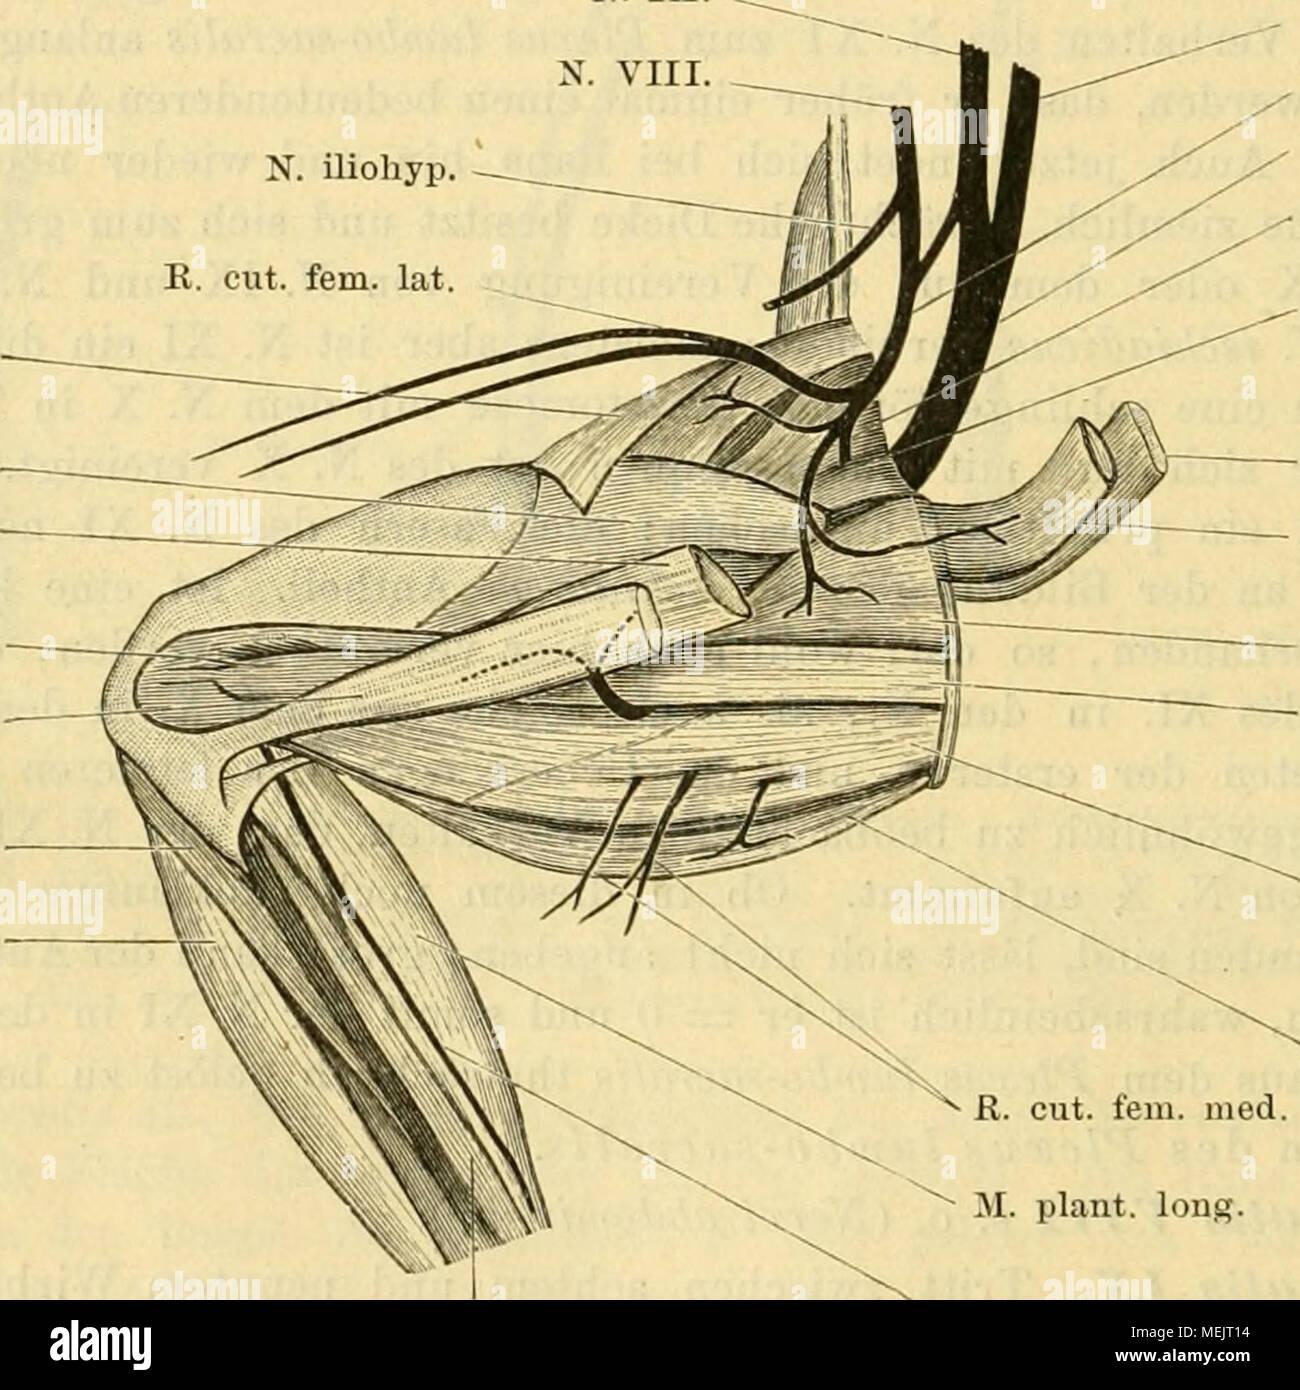 Tolle Was Bedeutet Viszerales Mittelwert In Der Anatomie ...